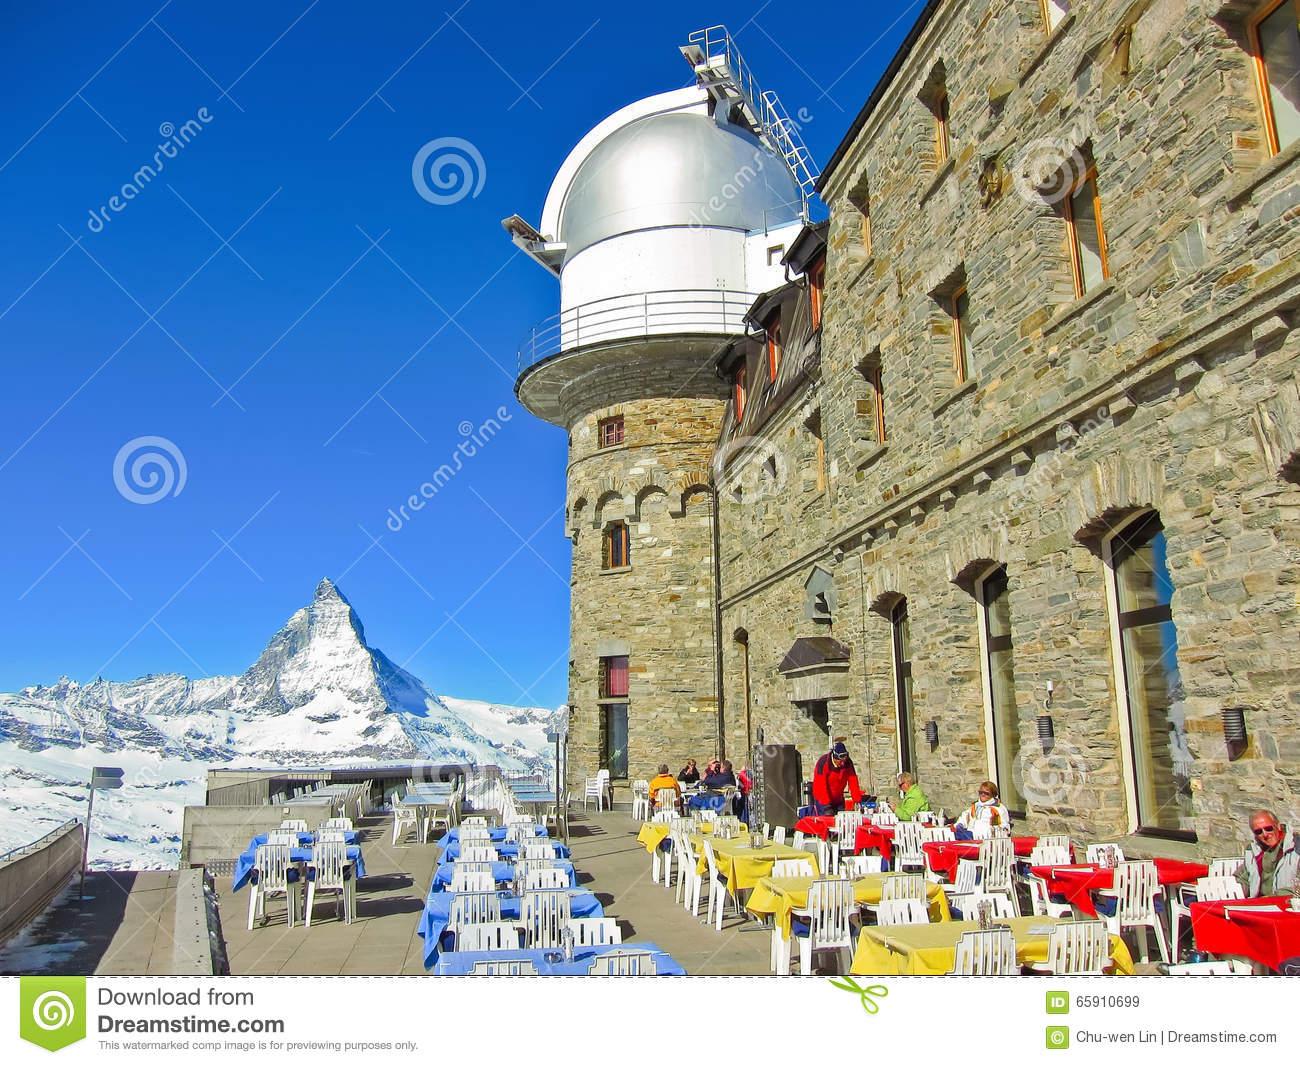 Matterhorn And The Gornergrat Kulm Hotel In Gornergrat, Zermatt.